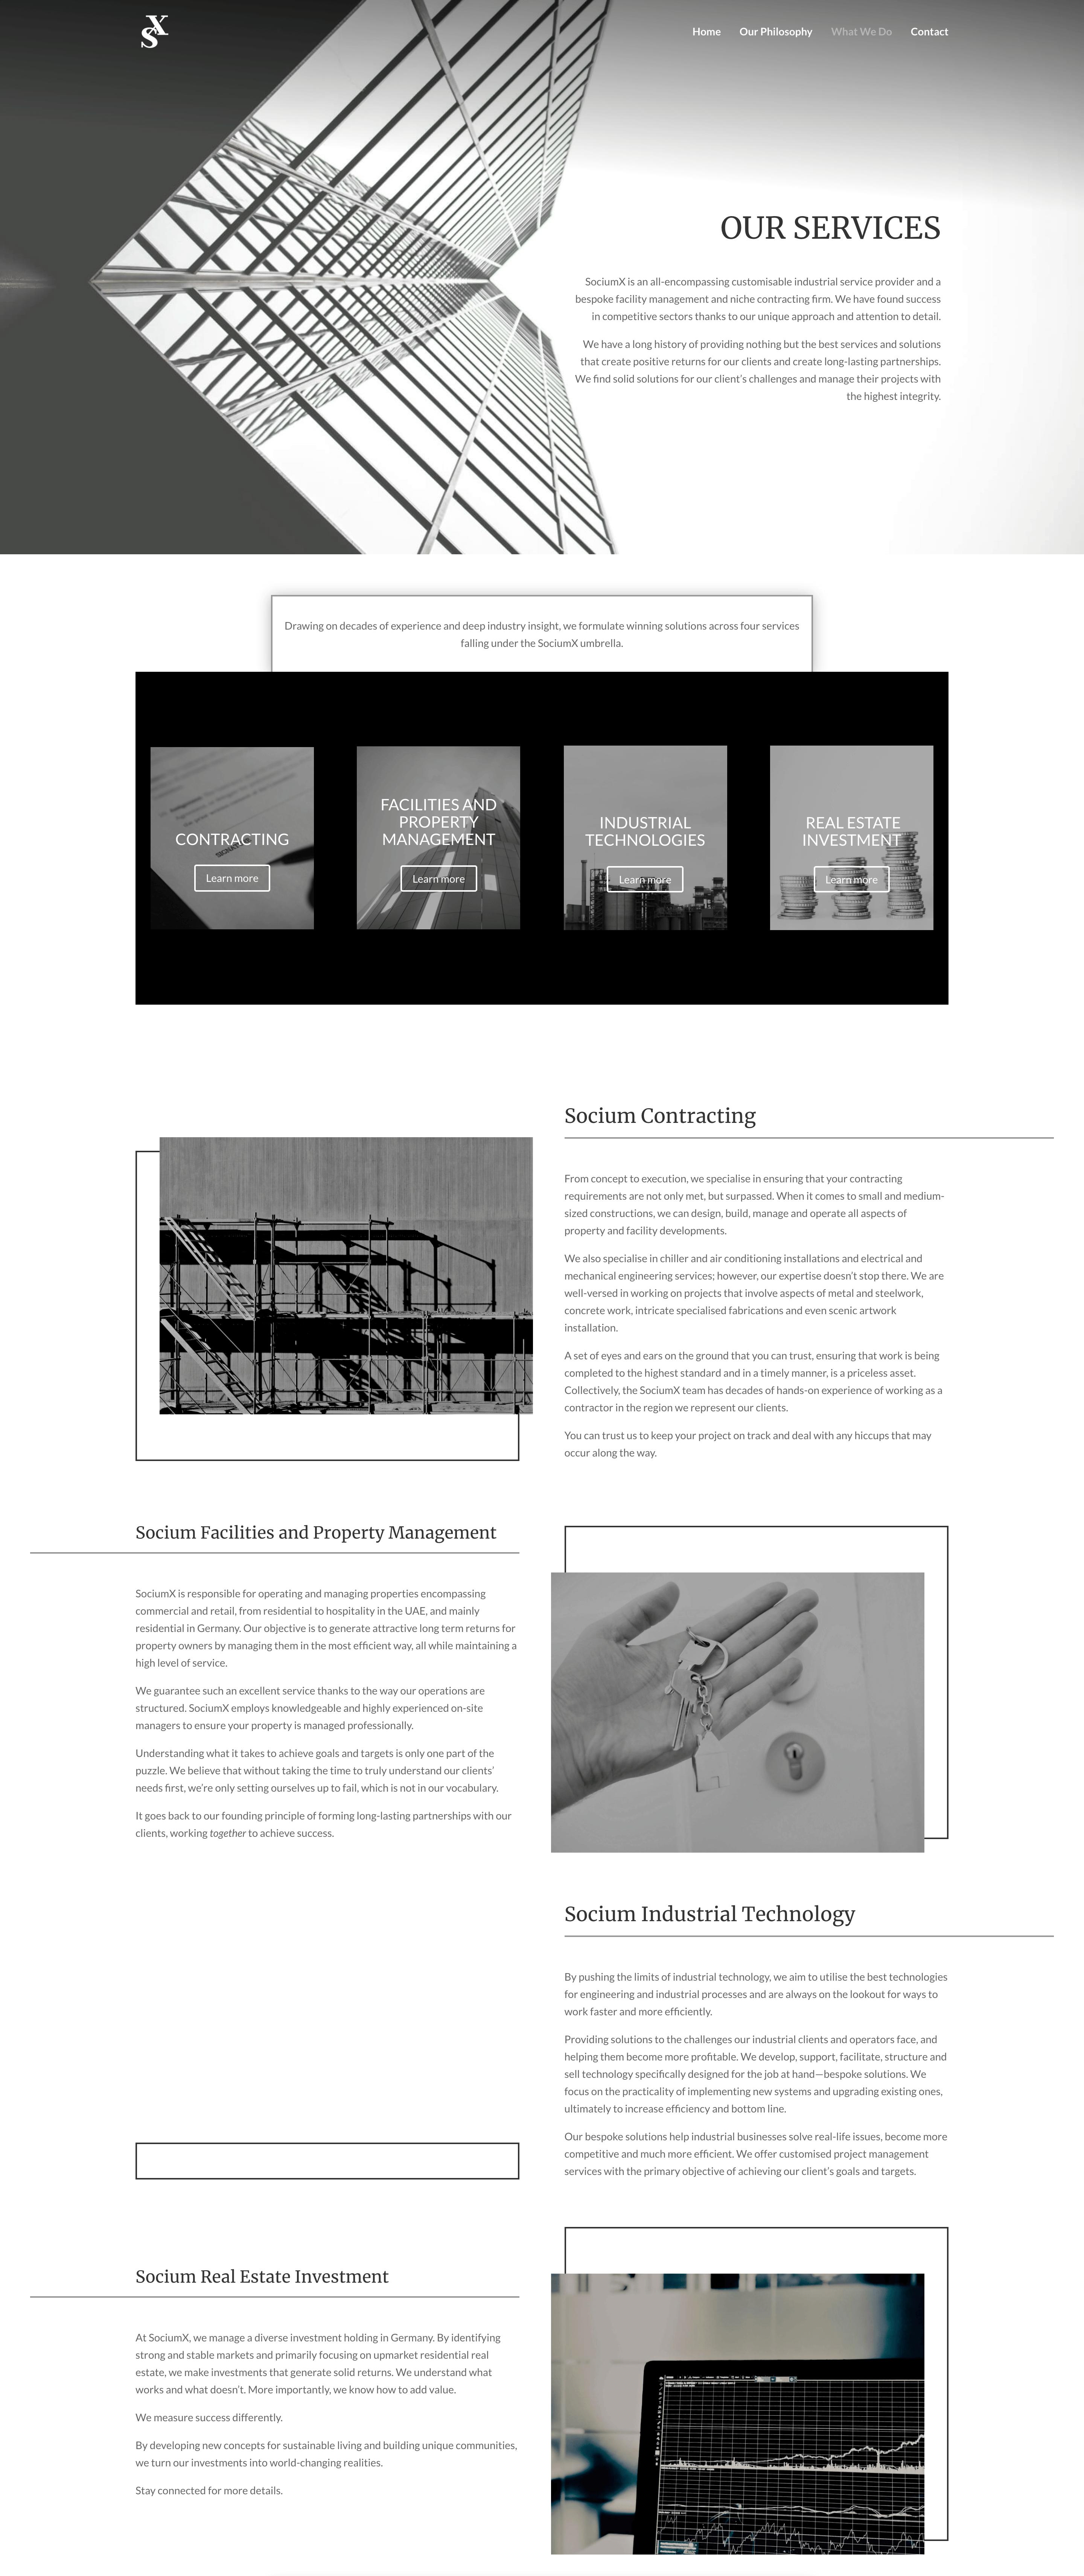 SociumX Web Page Copy